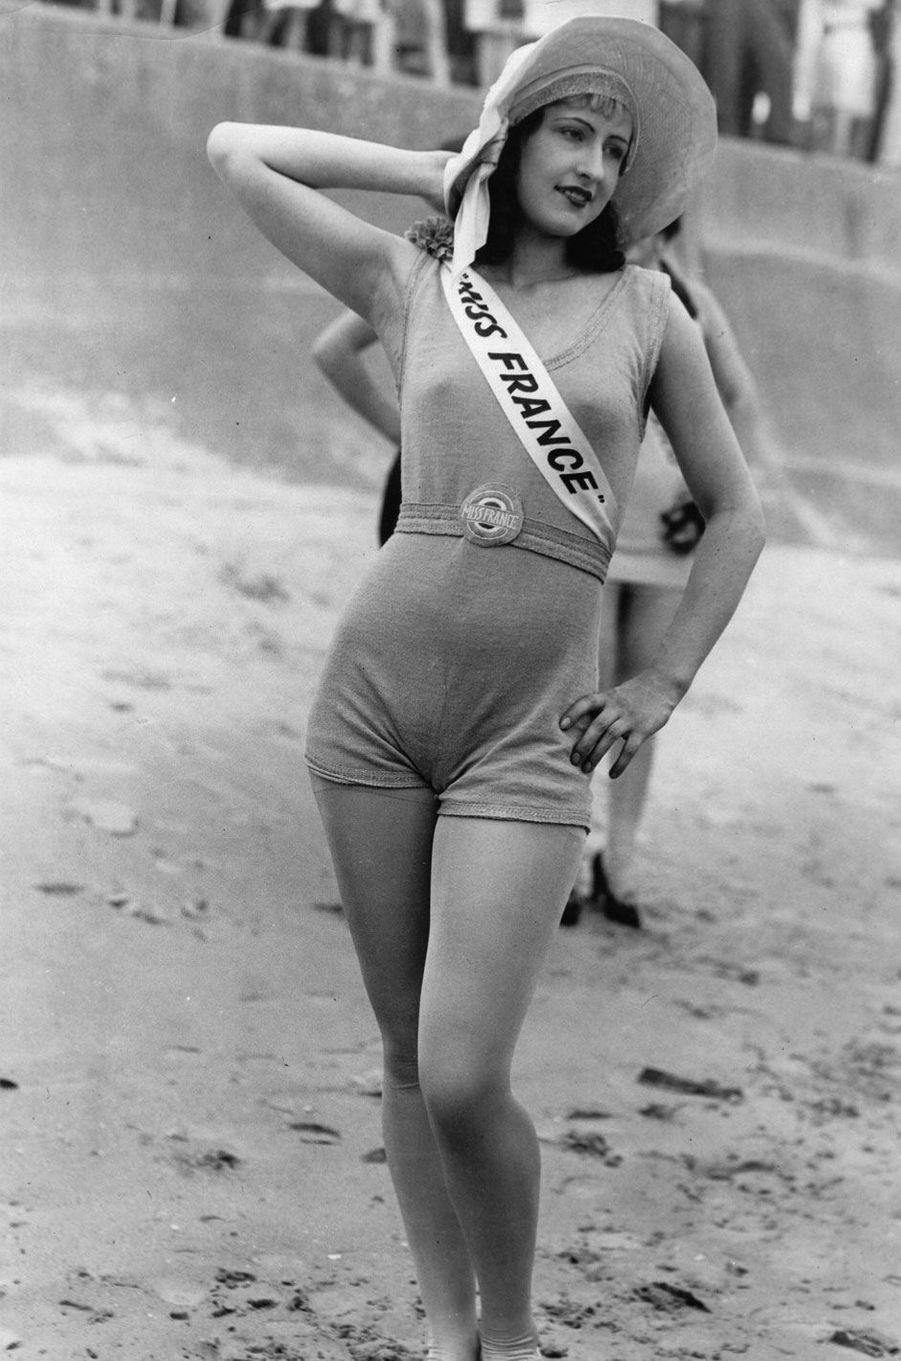 Miss France 1928, Raymonde Allain